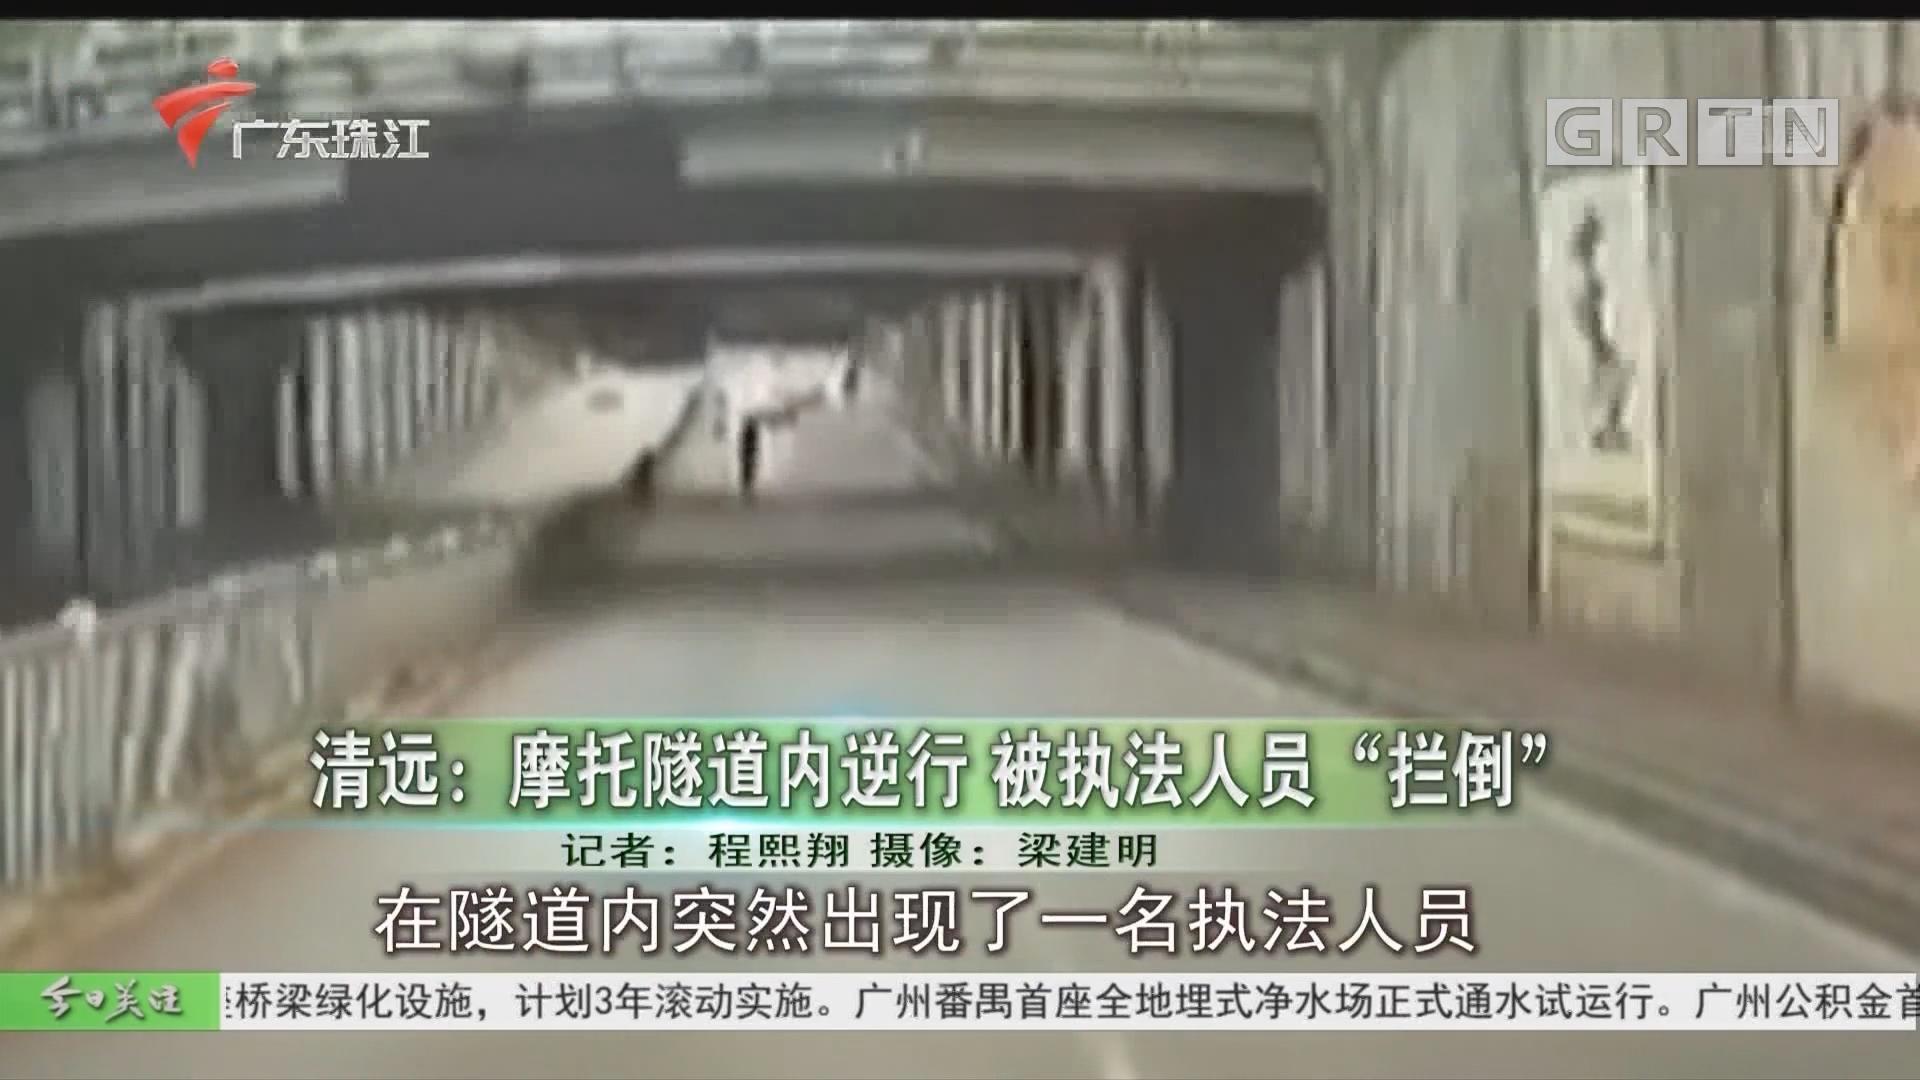 """清远:摩托隧道内逆行 被执法人员""""拦倒"""""""